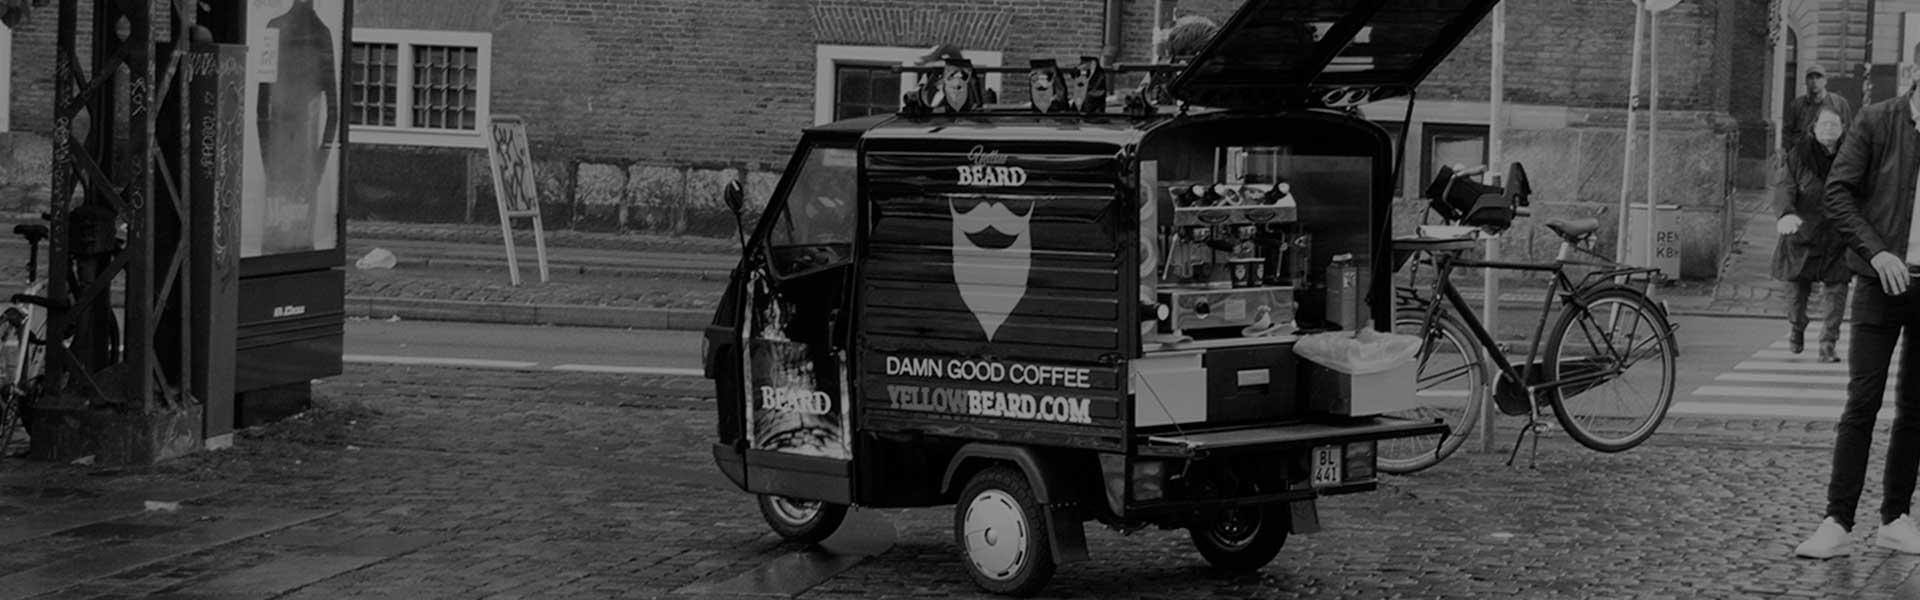 Kaffe bil i København